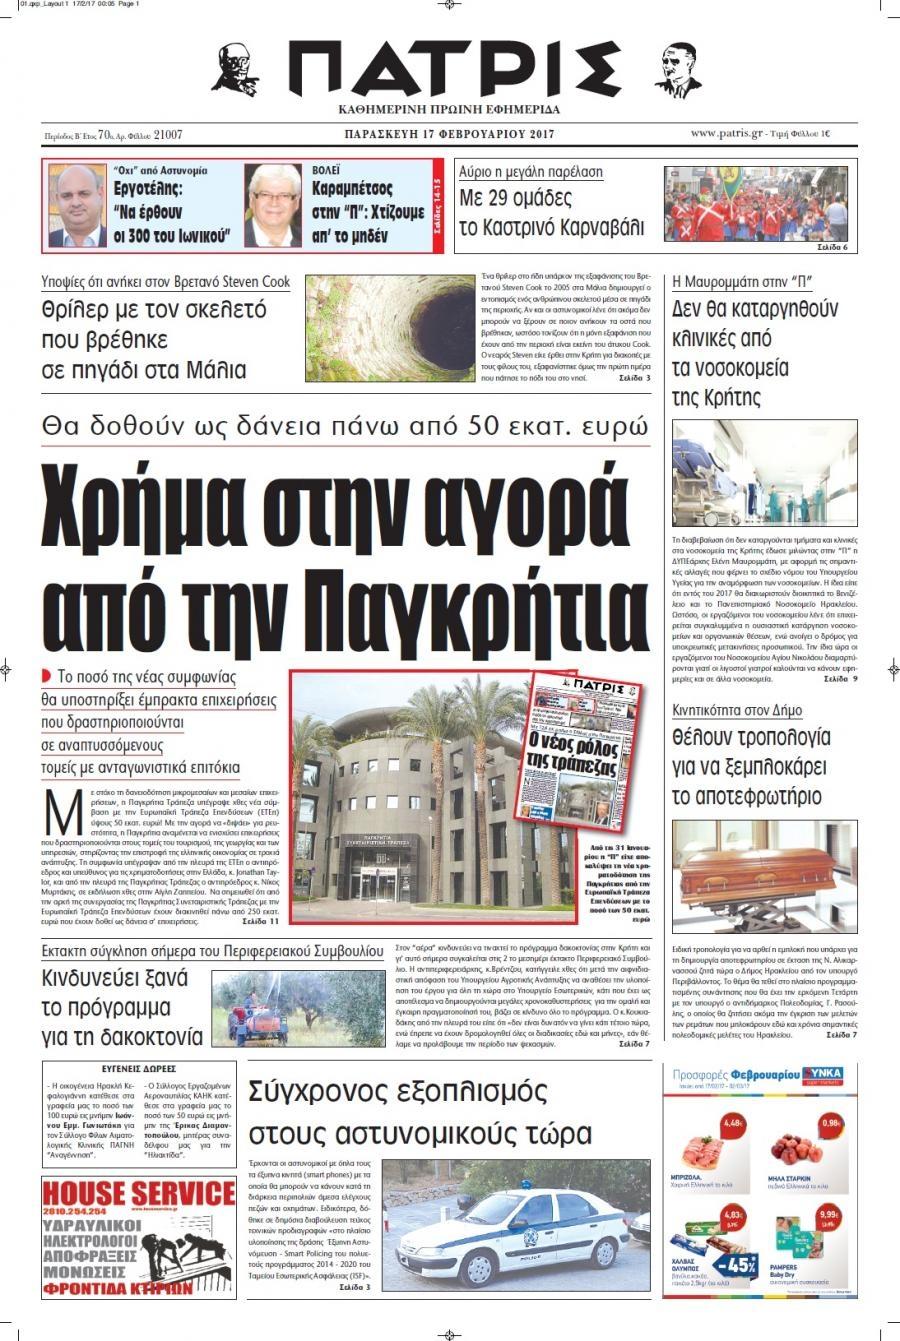 Πρωτοσέλιδο εφημερίδας ������������